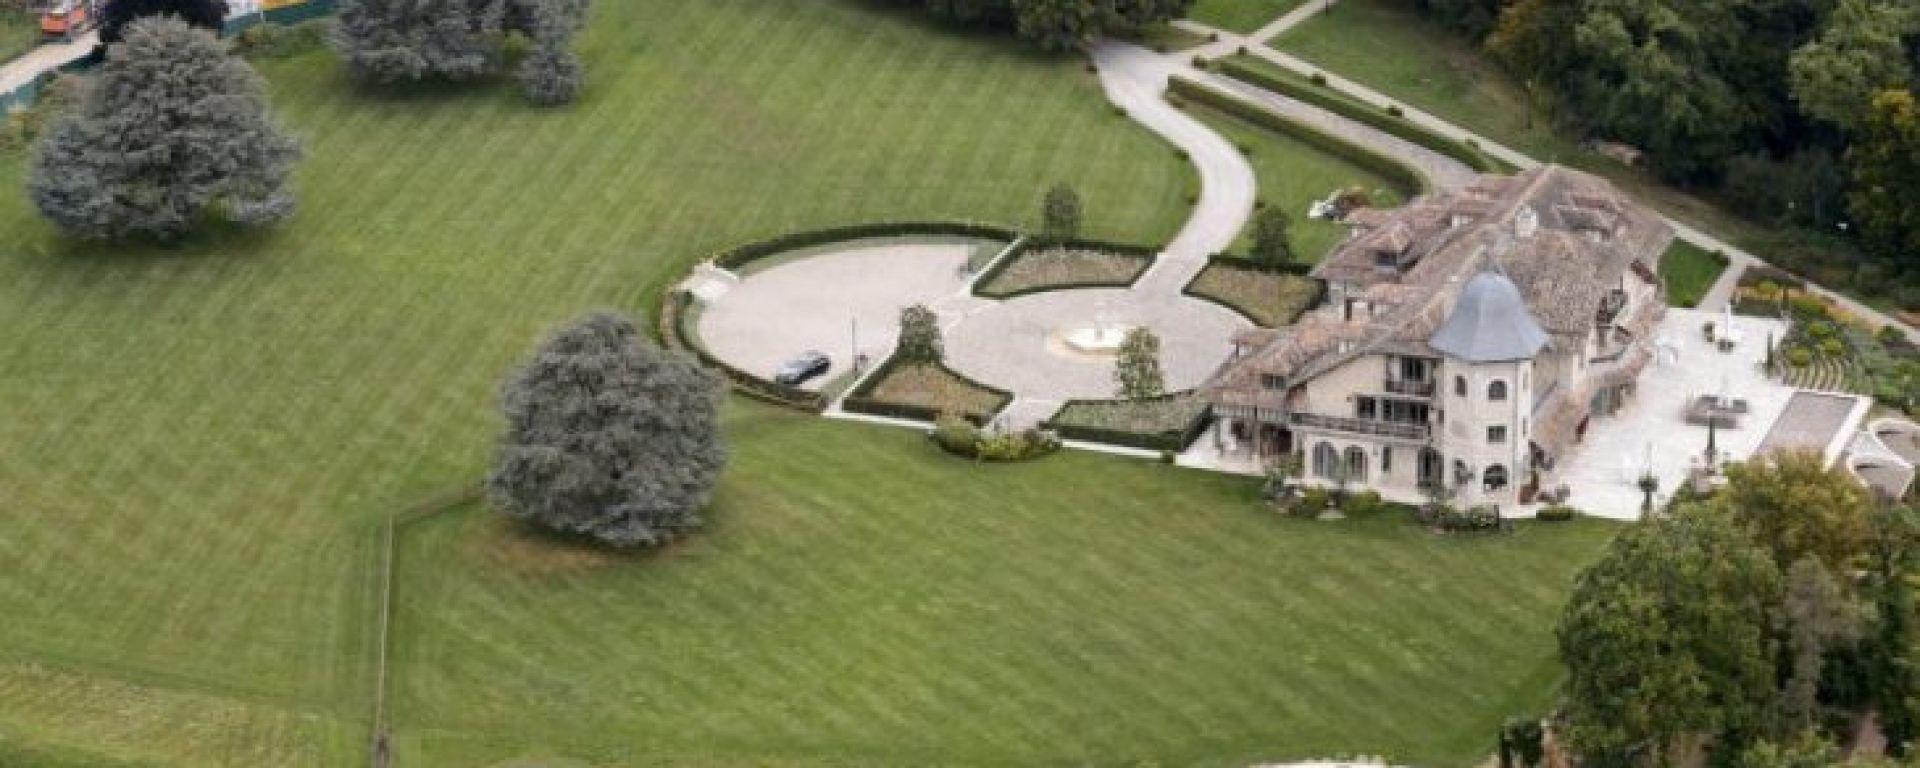 Vista aerea della casa di Schumacher in Svizzera